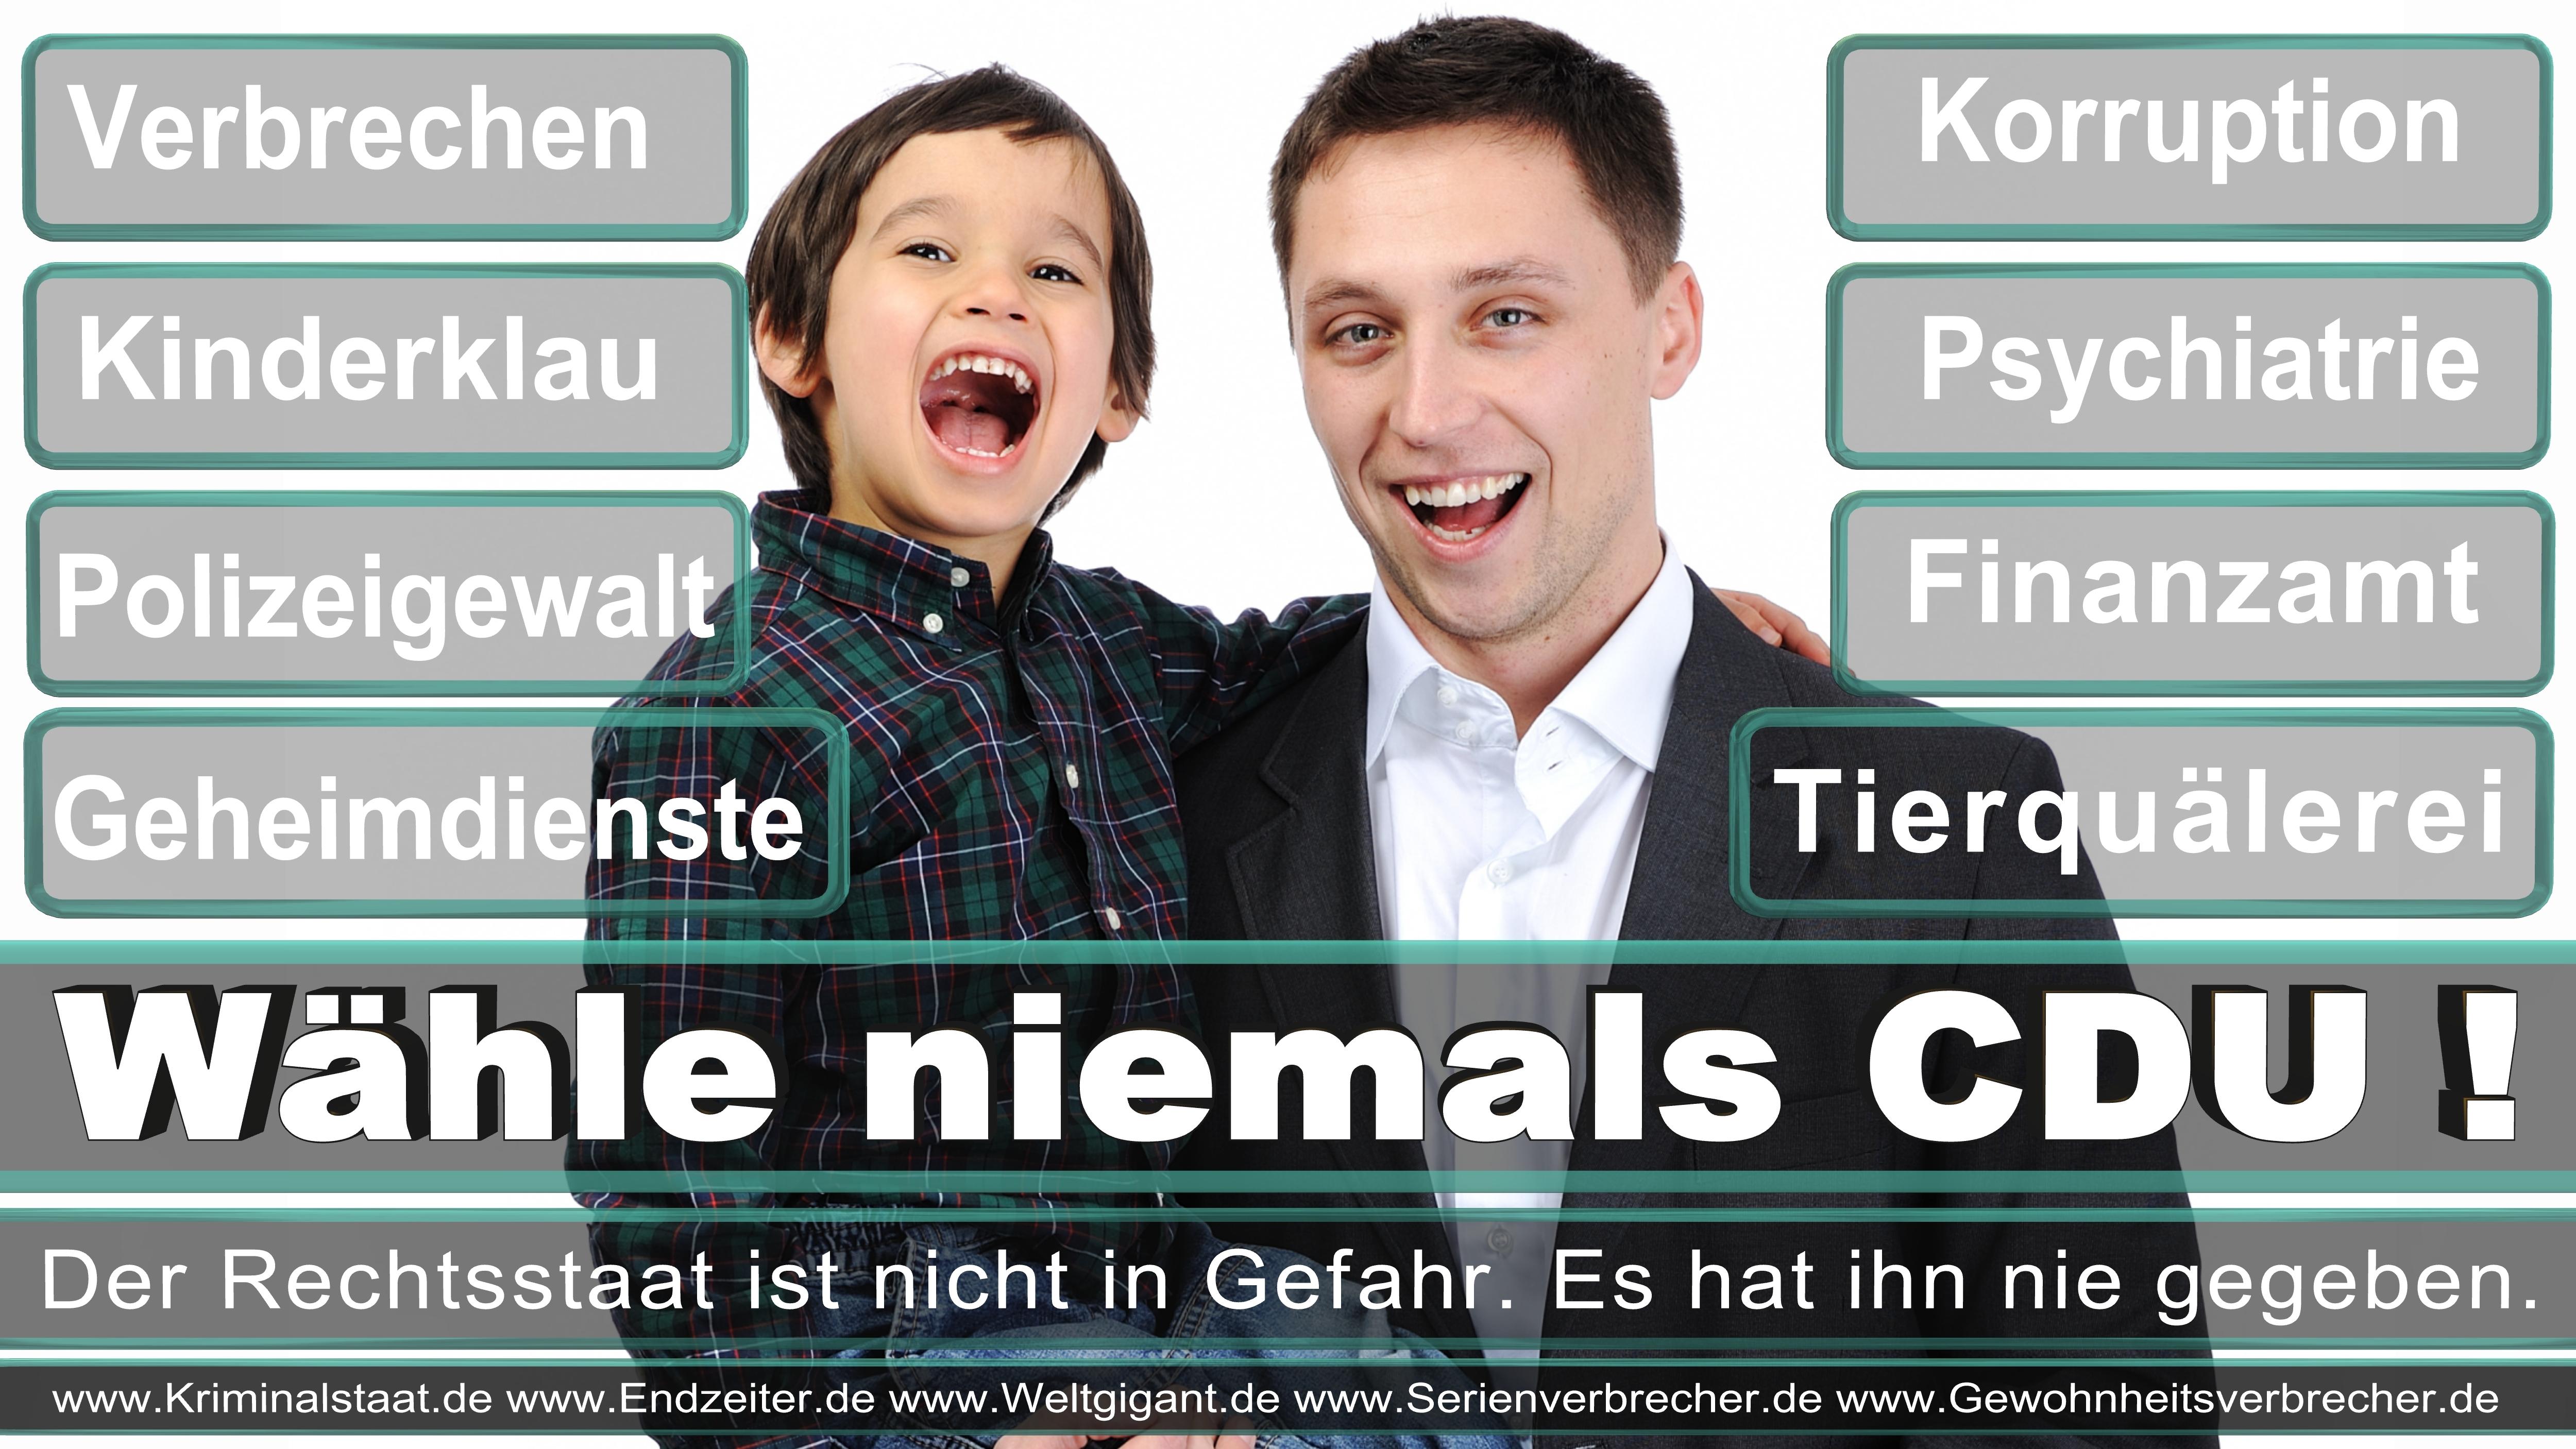 Bundestagswahl 2017 Prognose Bundestagswahl 2017 Wahlomat Bundestagswahl 2017 Kandidaten (8)